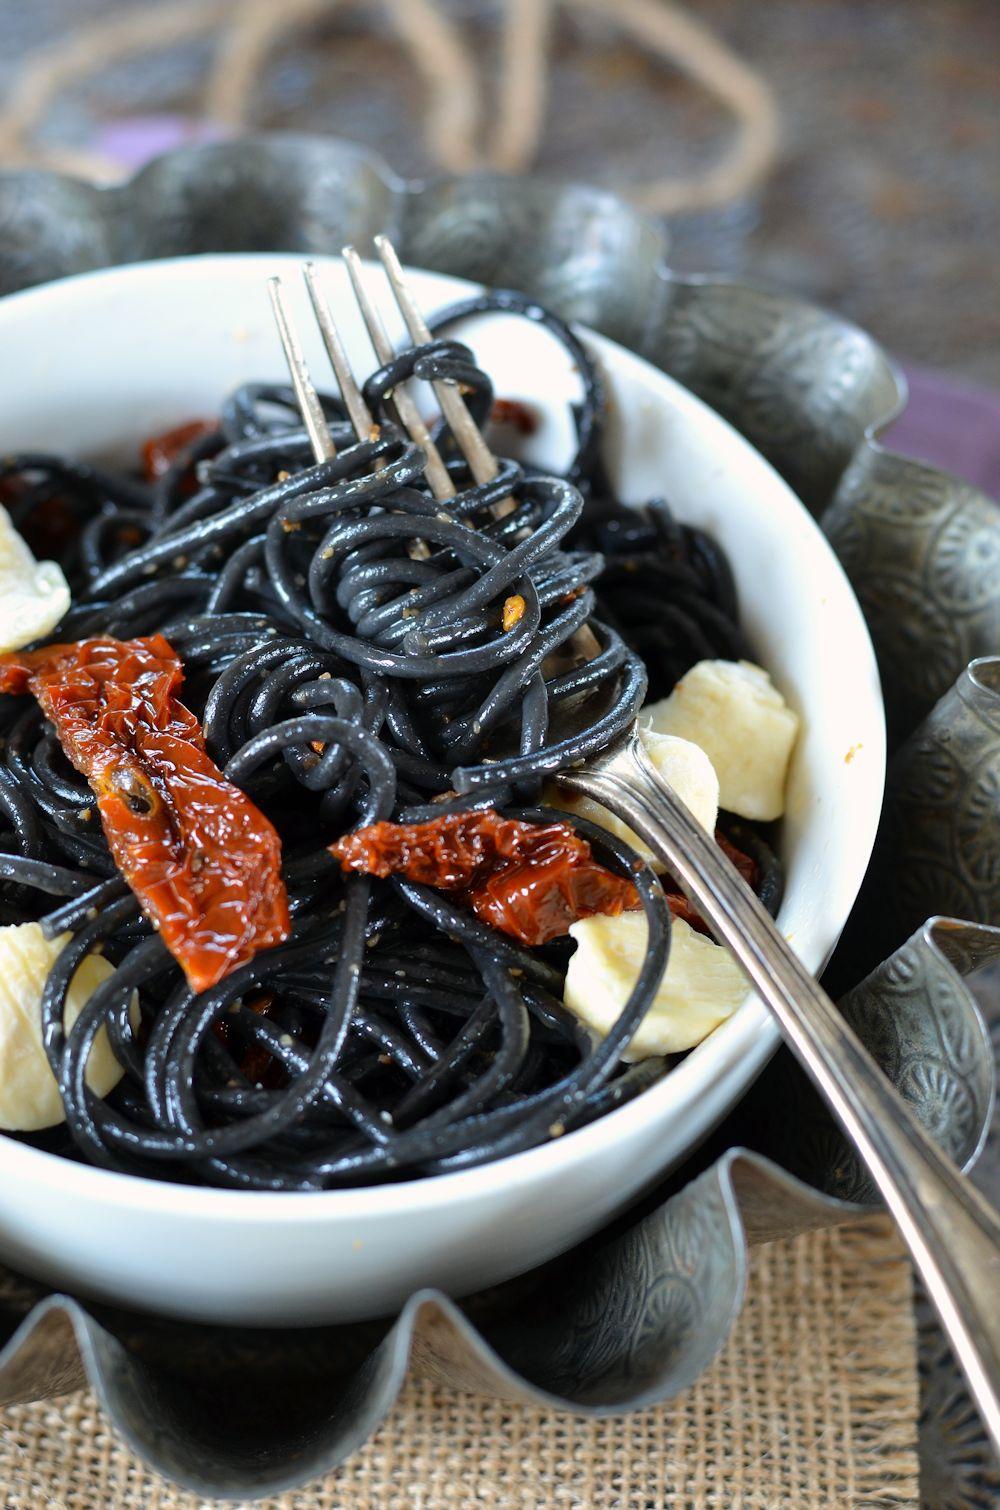 Spaghetti noirs à l'encre de seiche, tomates séchées et fromage de chèvre